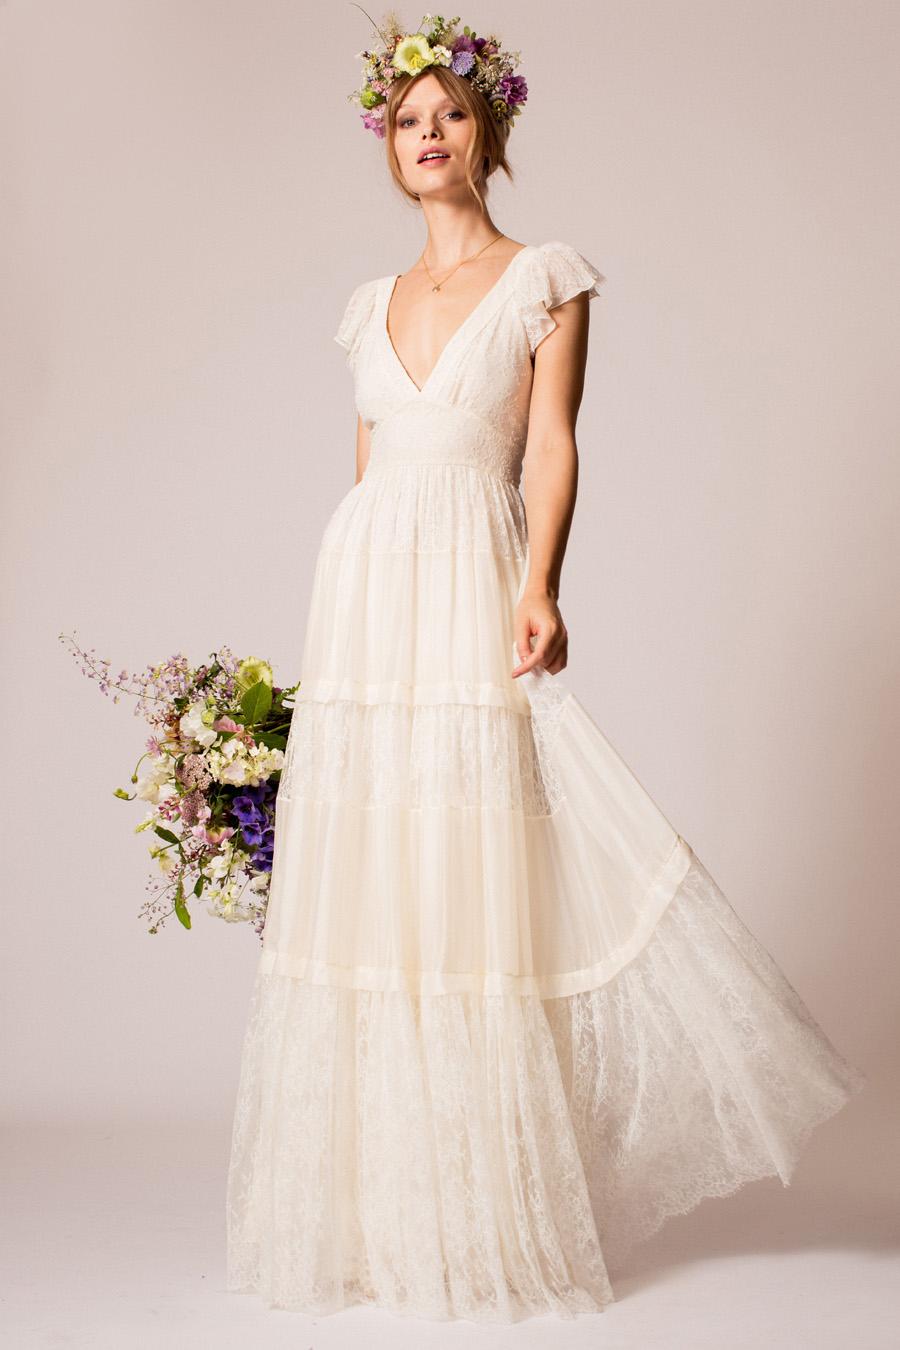 165546912daf 38 vackra brudklänningar | ELLE